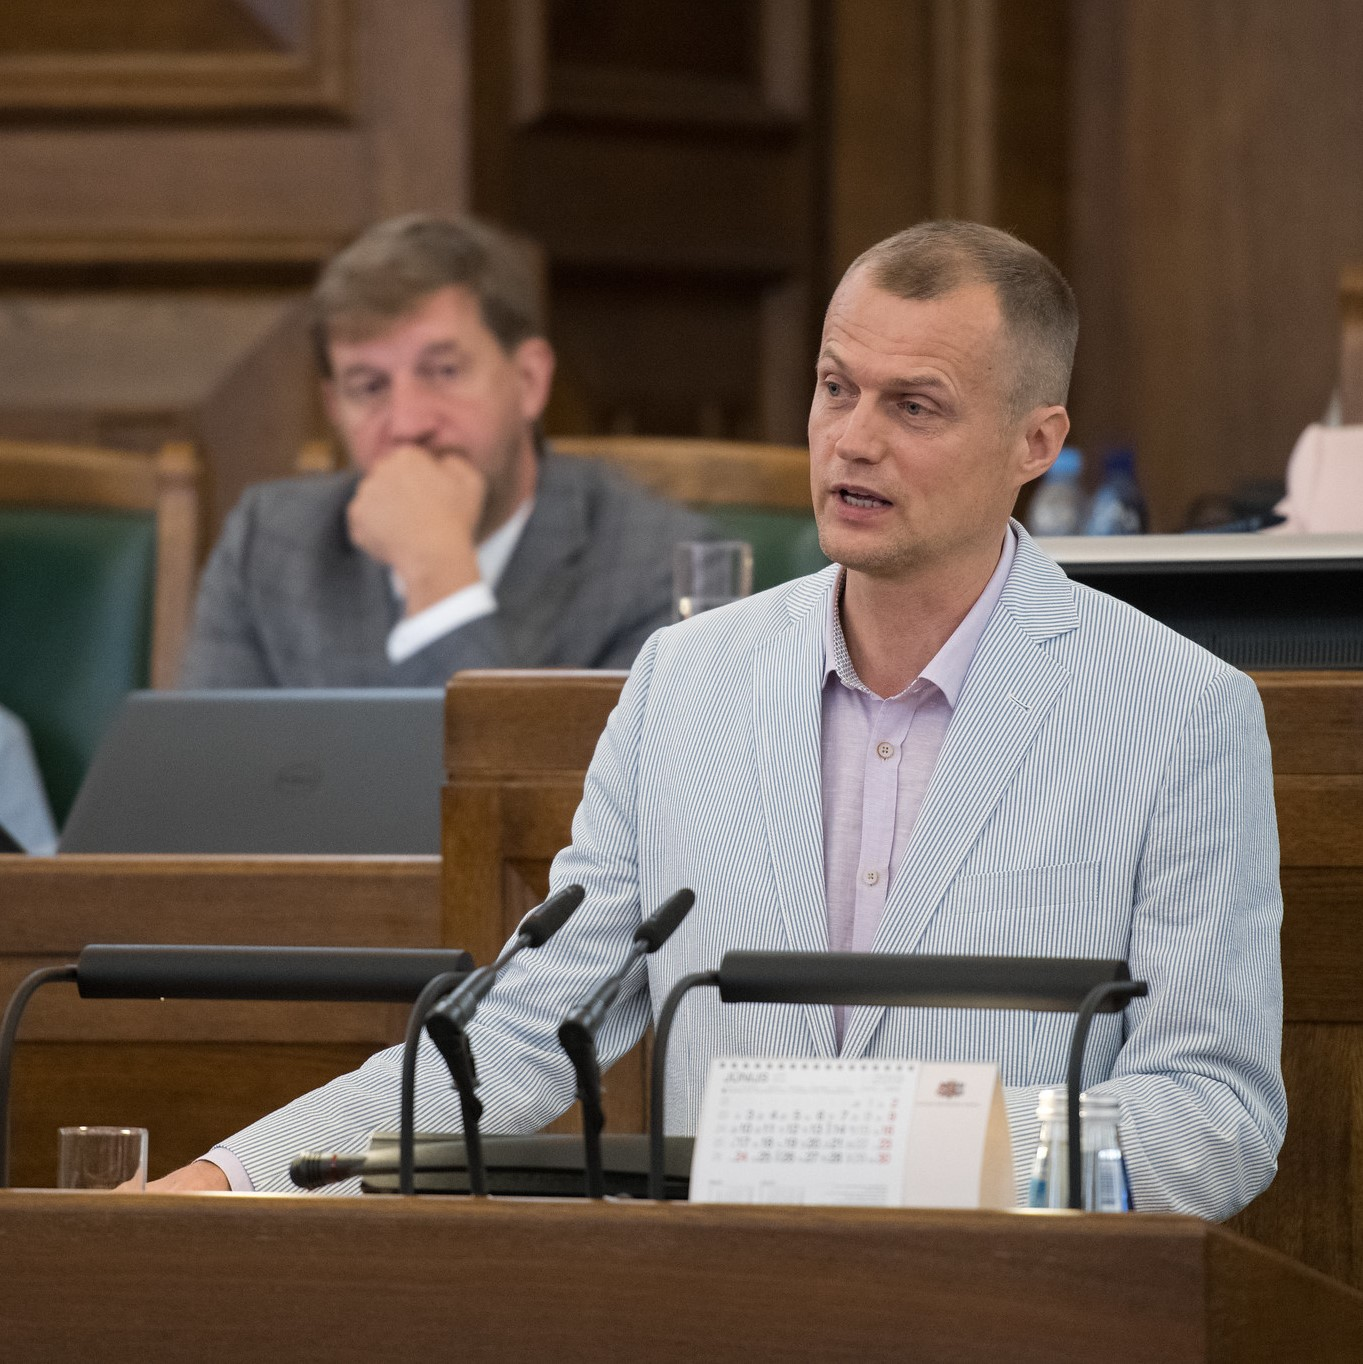 """Ivars Zariņš: pieprasījums izskatīt Saeimā skandalozo TITLED respiratoru iepirkumu dos iespēju K.Kariņam parādīt kāds viņš ir """"kapteinis"""""""